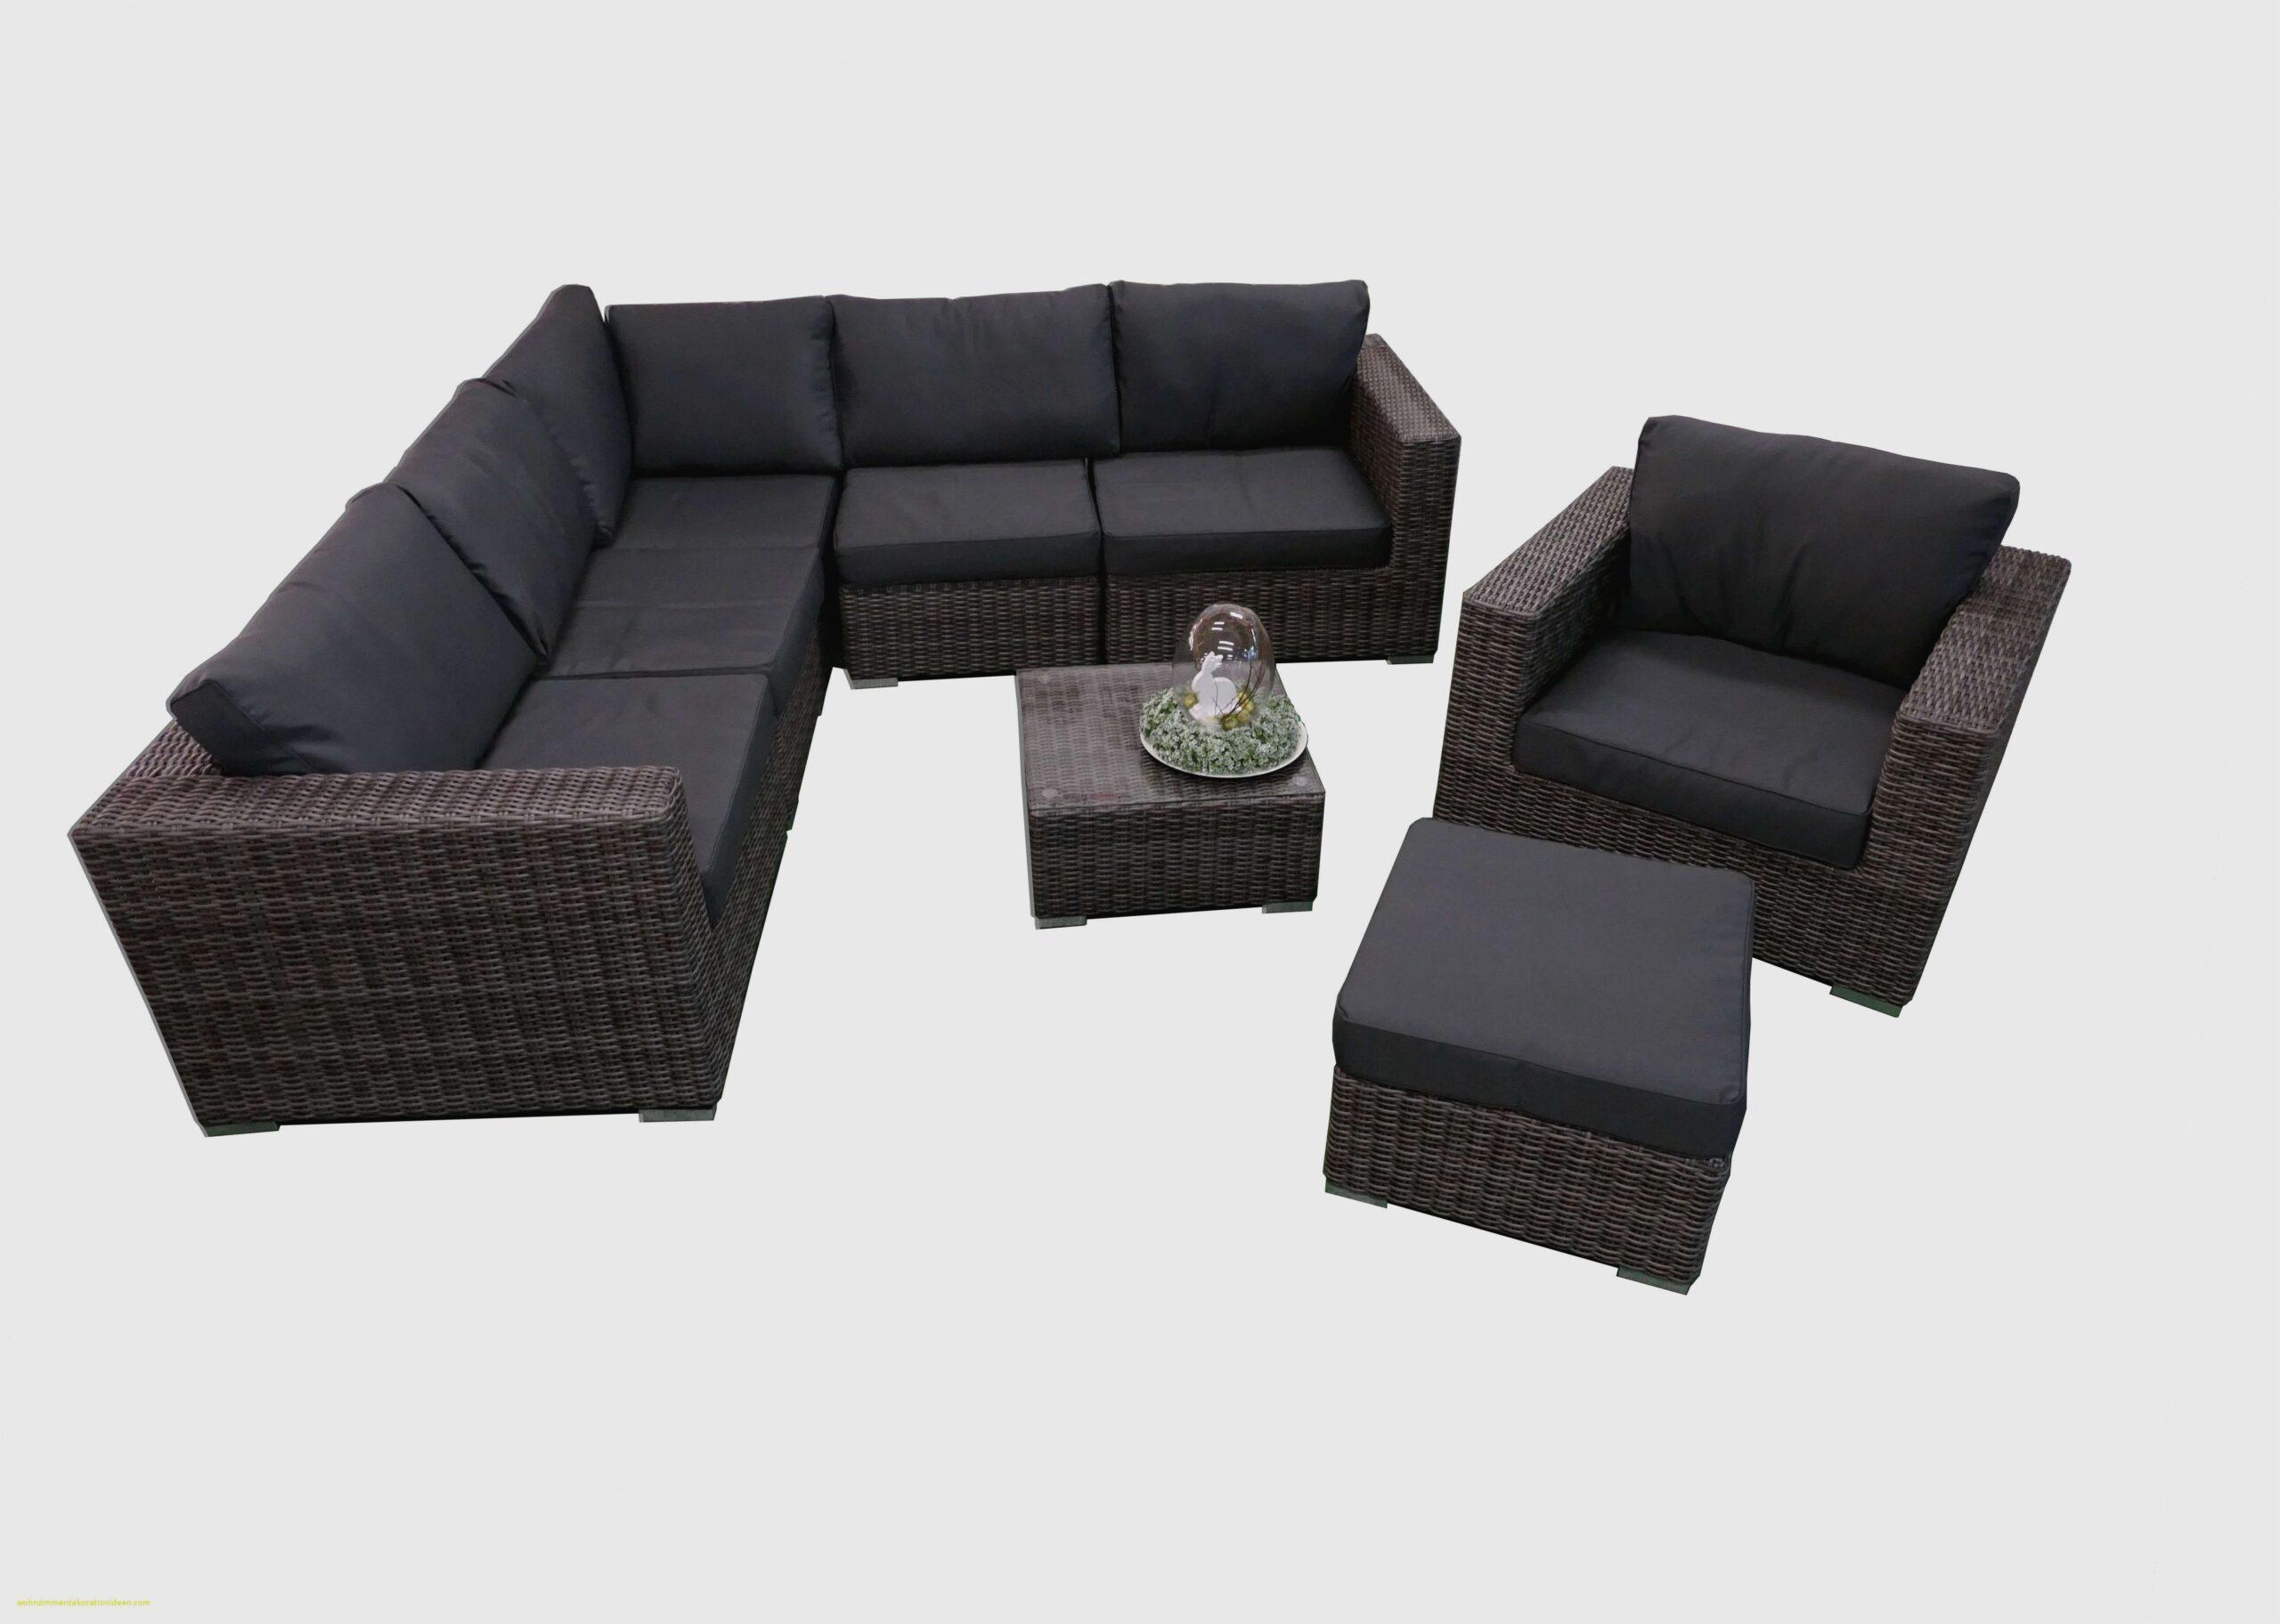 Full Size of Big Sofa Roller Arizona Rot Sam Grau L Form Kolonialstil Couch Toronto Bei Schlafsofas Ledersessel 60er Haus Mbel Günstig Chesterfield Mit Elektrischer Wohnzimmer Big Sofa Roller